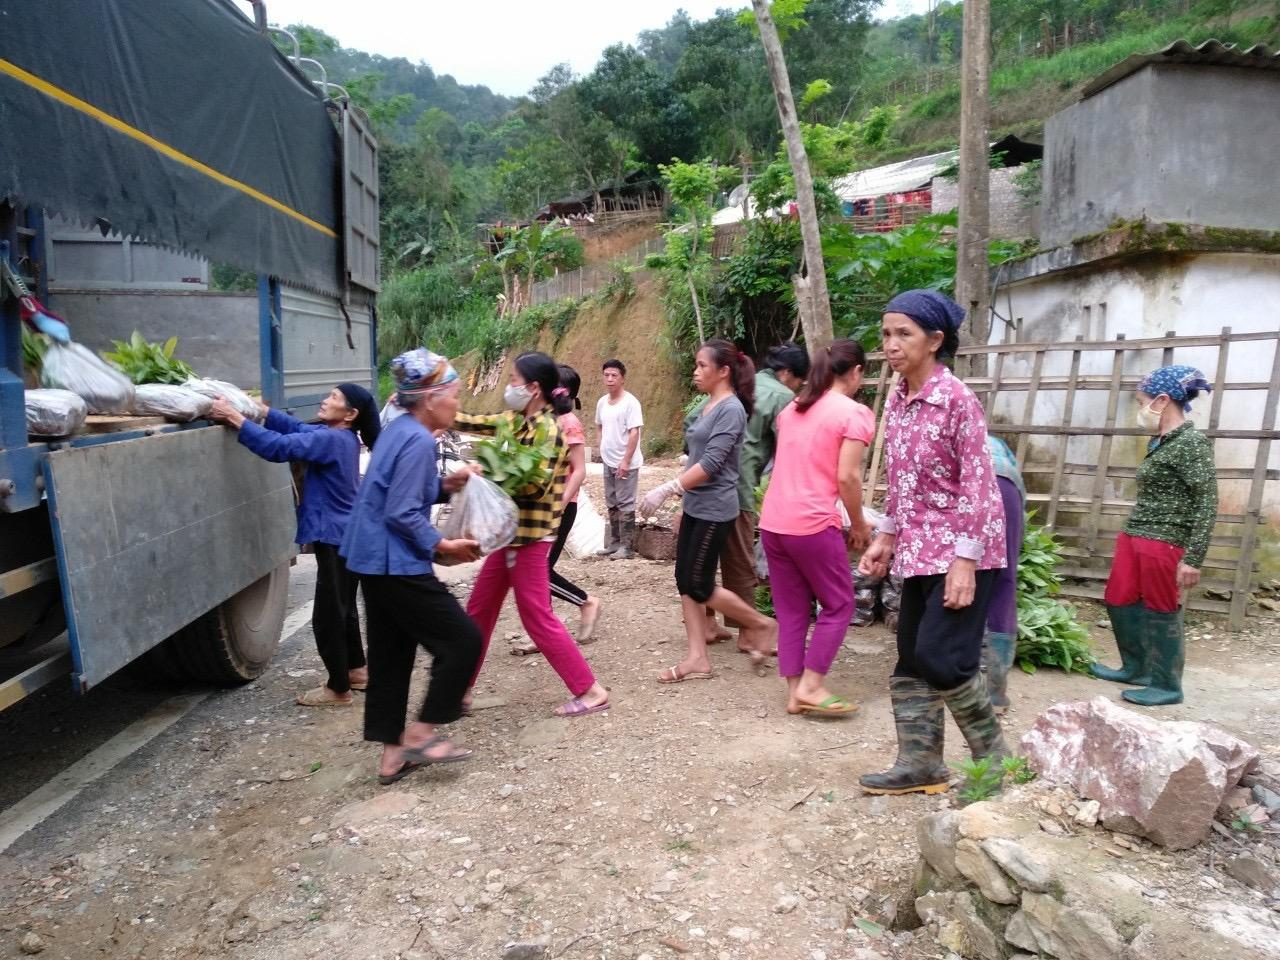 Người dân huyện Quảng Hòa vui mừng nhận giống bưởi từ dự án hỗ trợ phát triển sản xuất. (Ảnh chụp khi dịch Covid -19 chưa bùng phát).